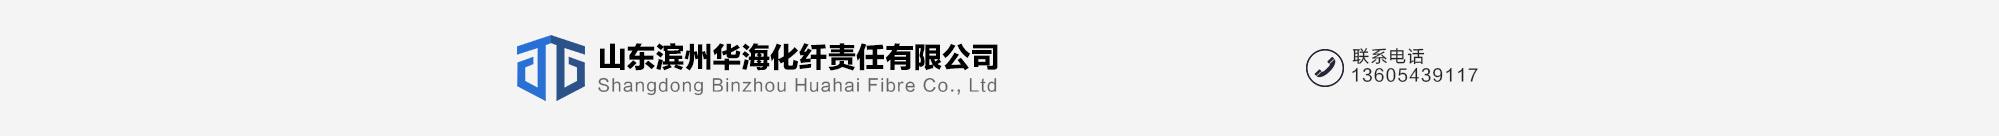 山东滨州华海化纤有限责任公司